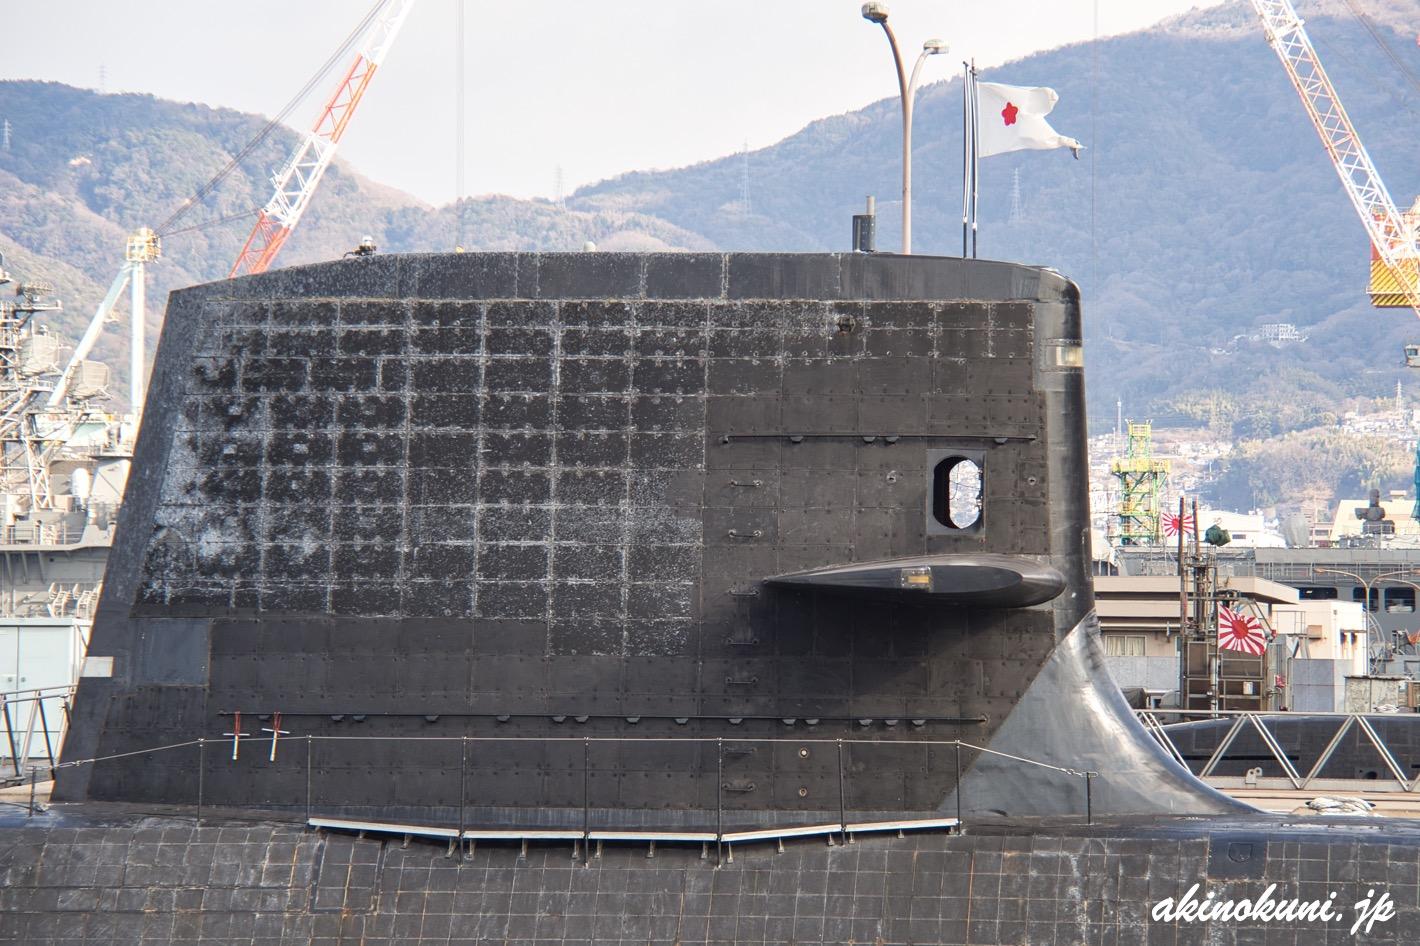 潜水艦 艦橋越しに風景をみる